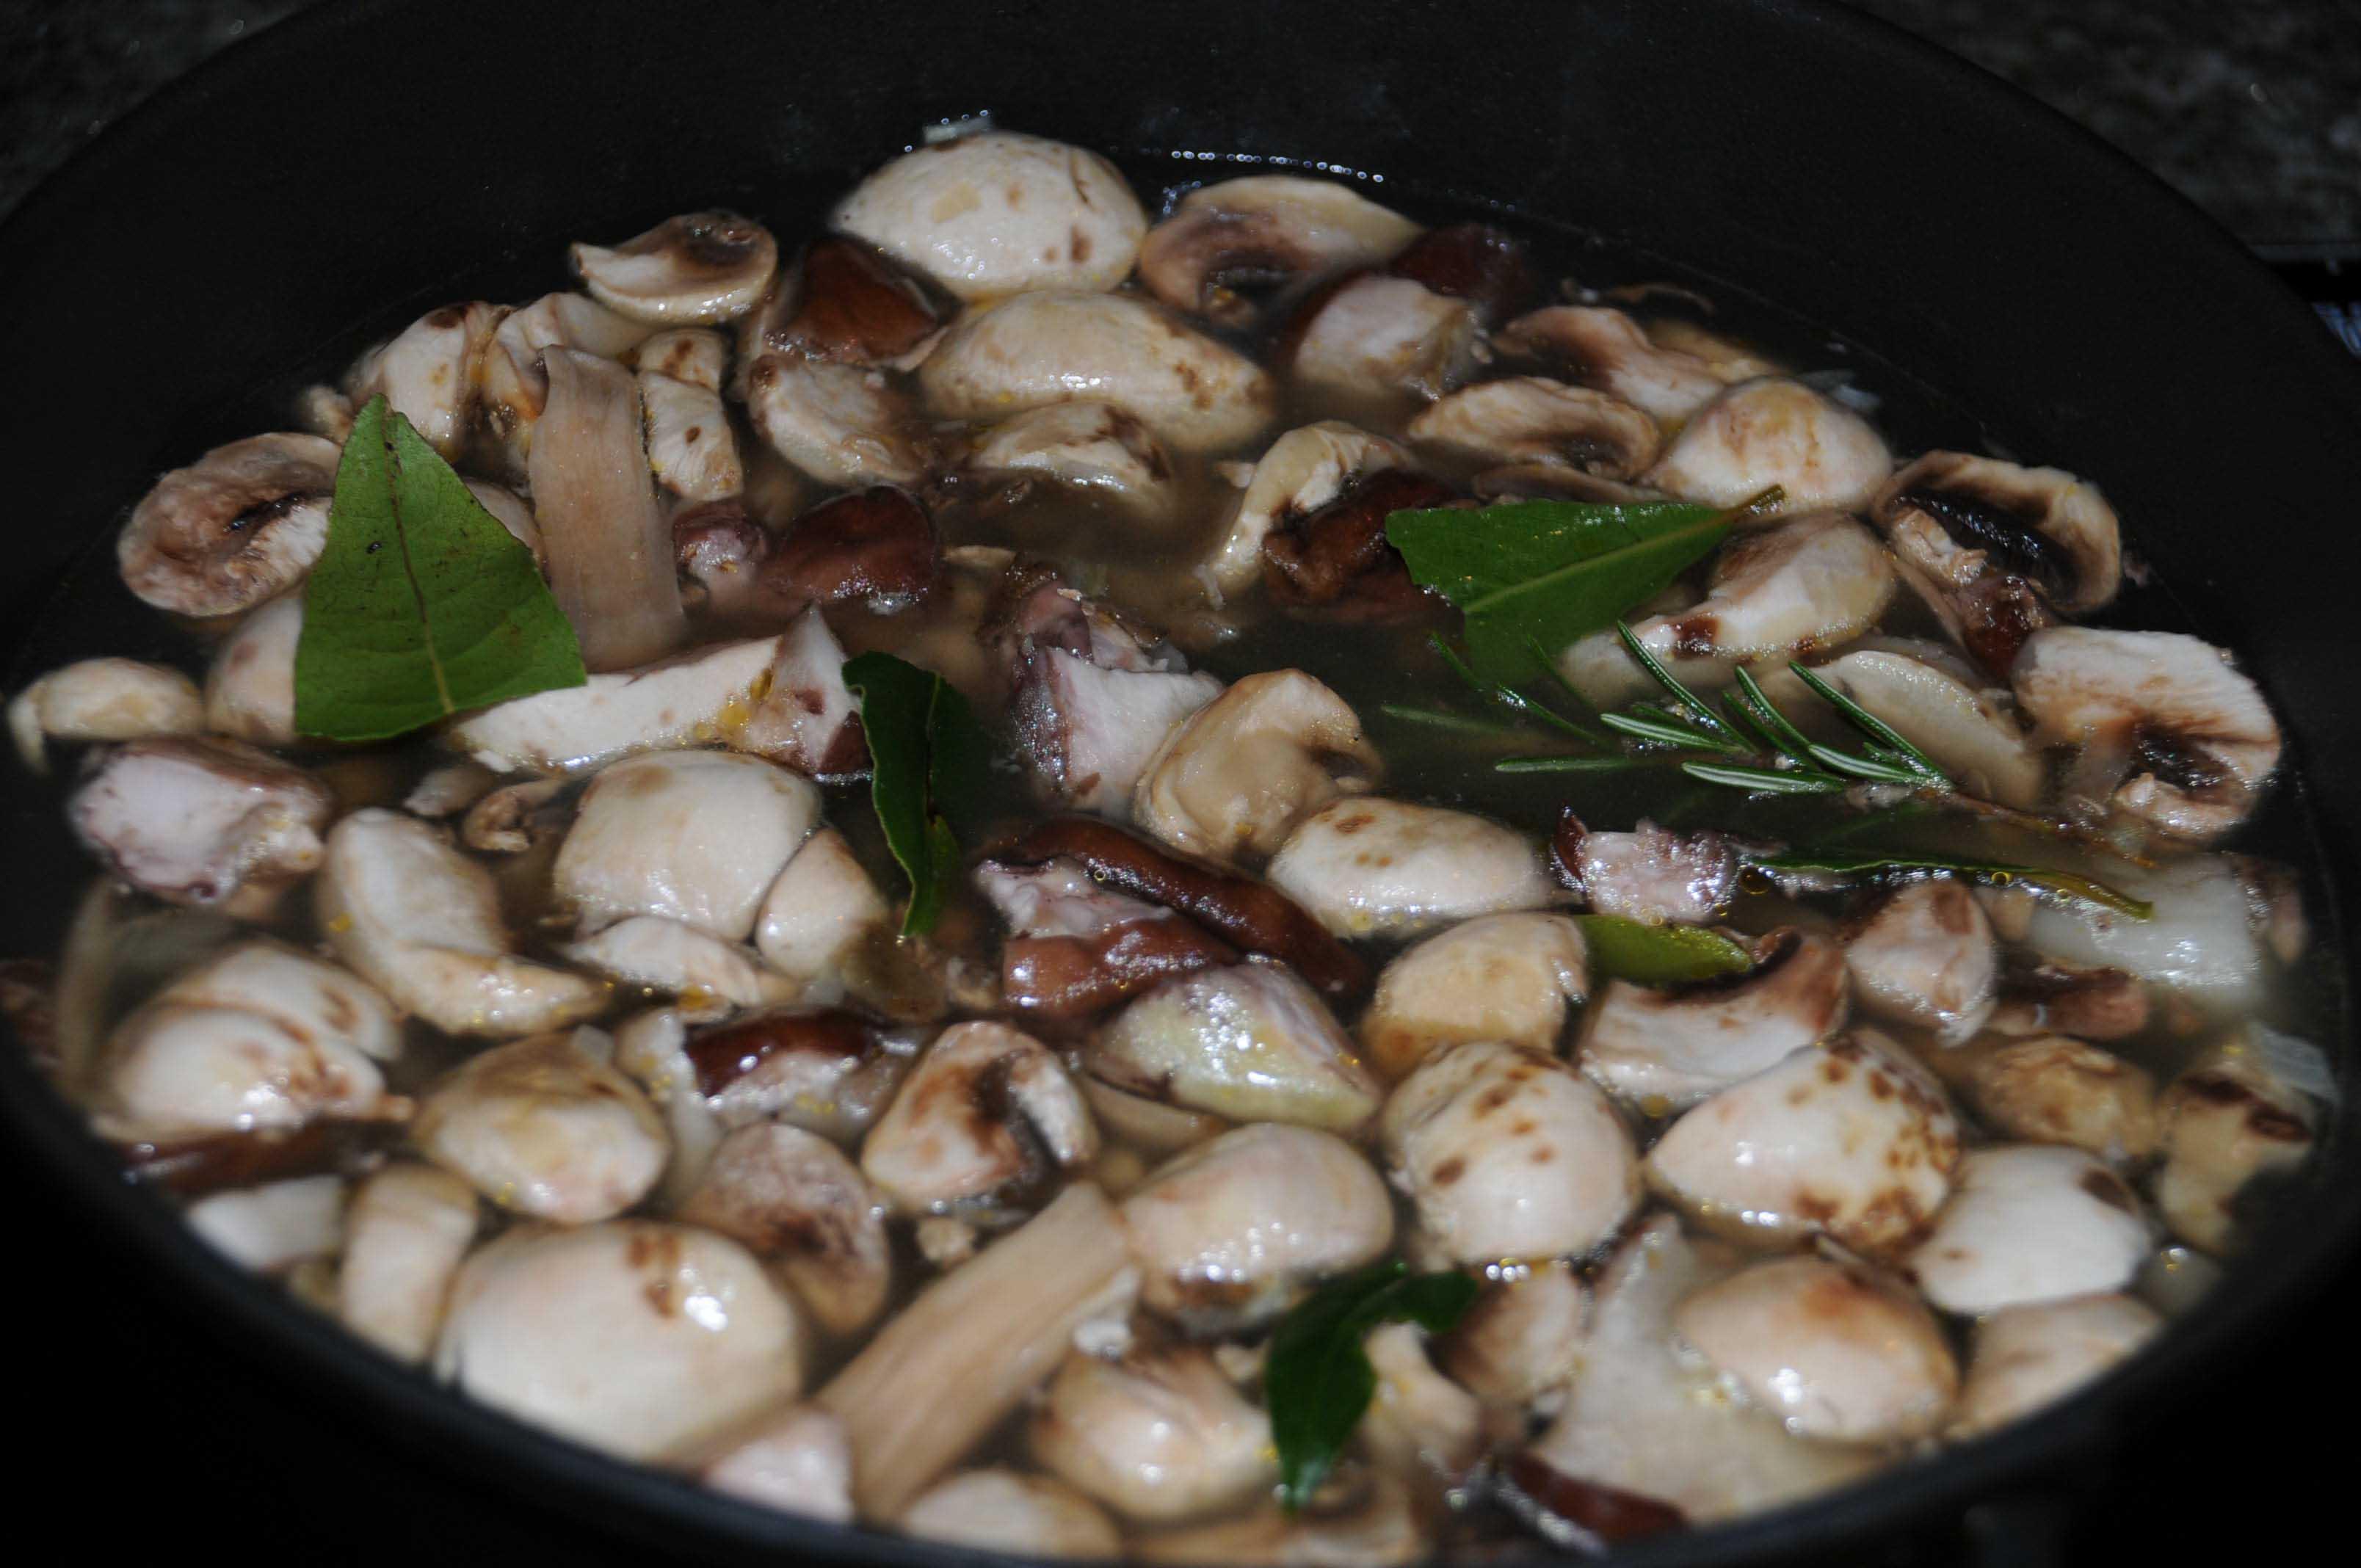 comment faire un bouillon de champignons